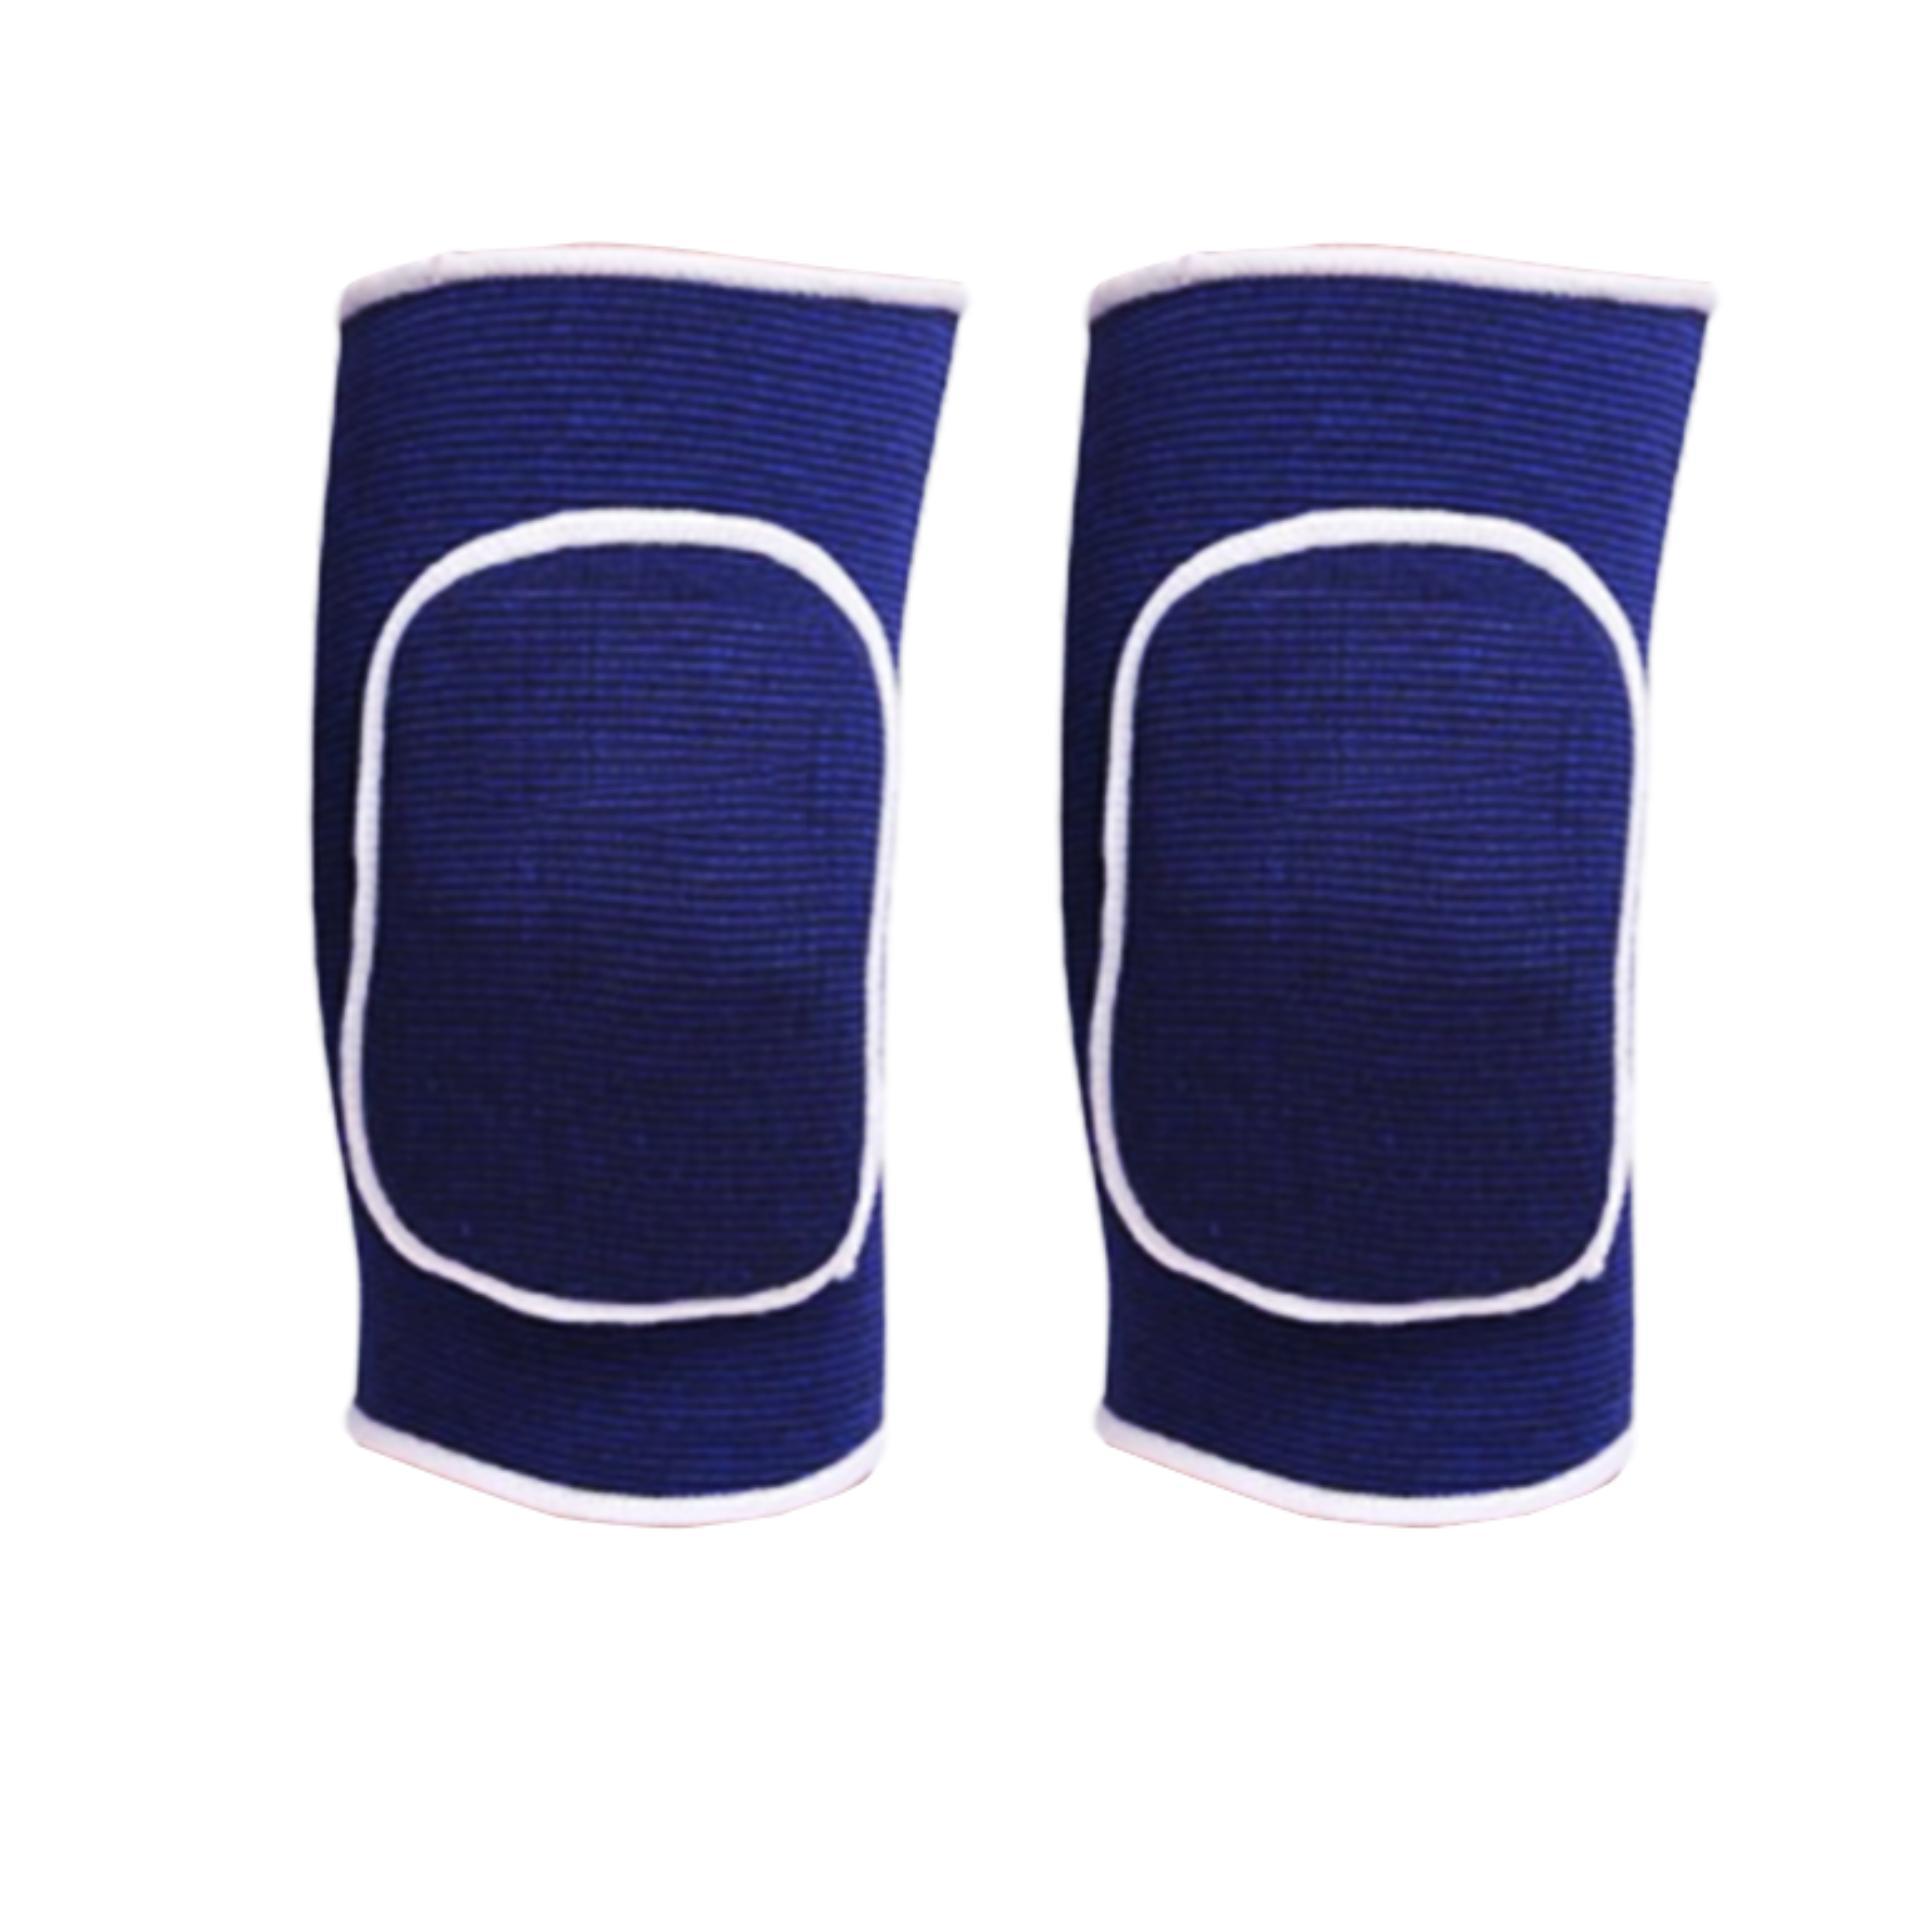 Băng đầu Gối Dày Shiwei 133 Chất Liệu Vải Co Giản Cao Cấp, Bảo Vệ đầu Gối Khỏichất Thương Trong Lúc Chơi Thể Thao Giá Cực Cool